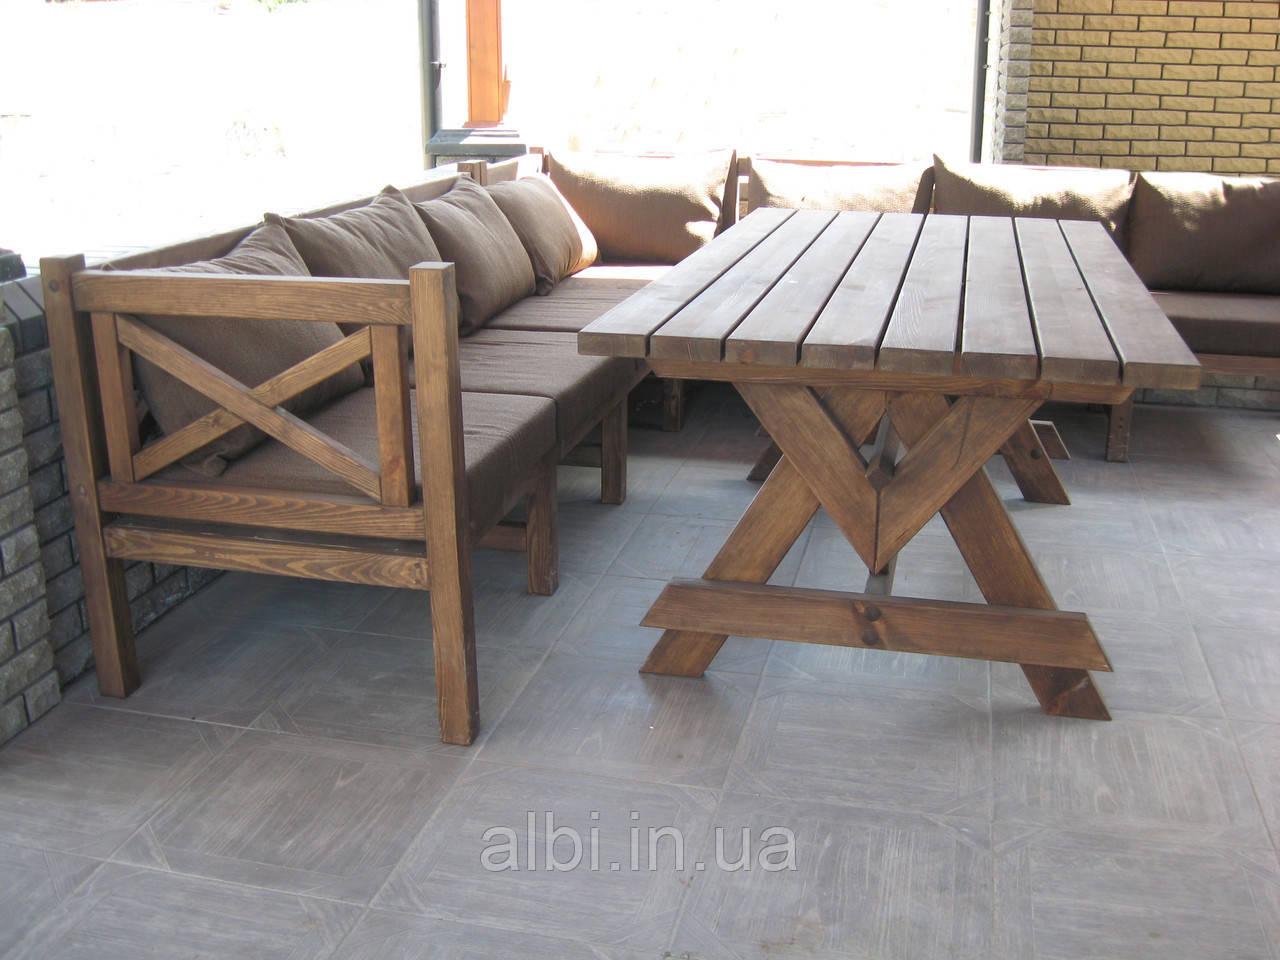 Стол Эмине 1,4м, деревянная мебель для дачи Эмине